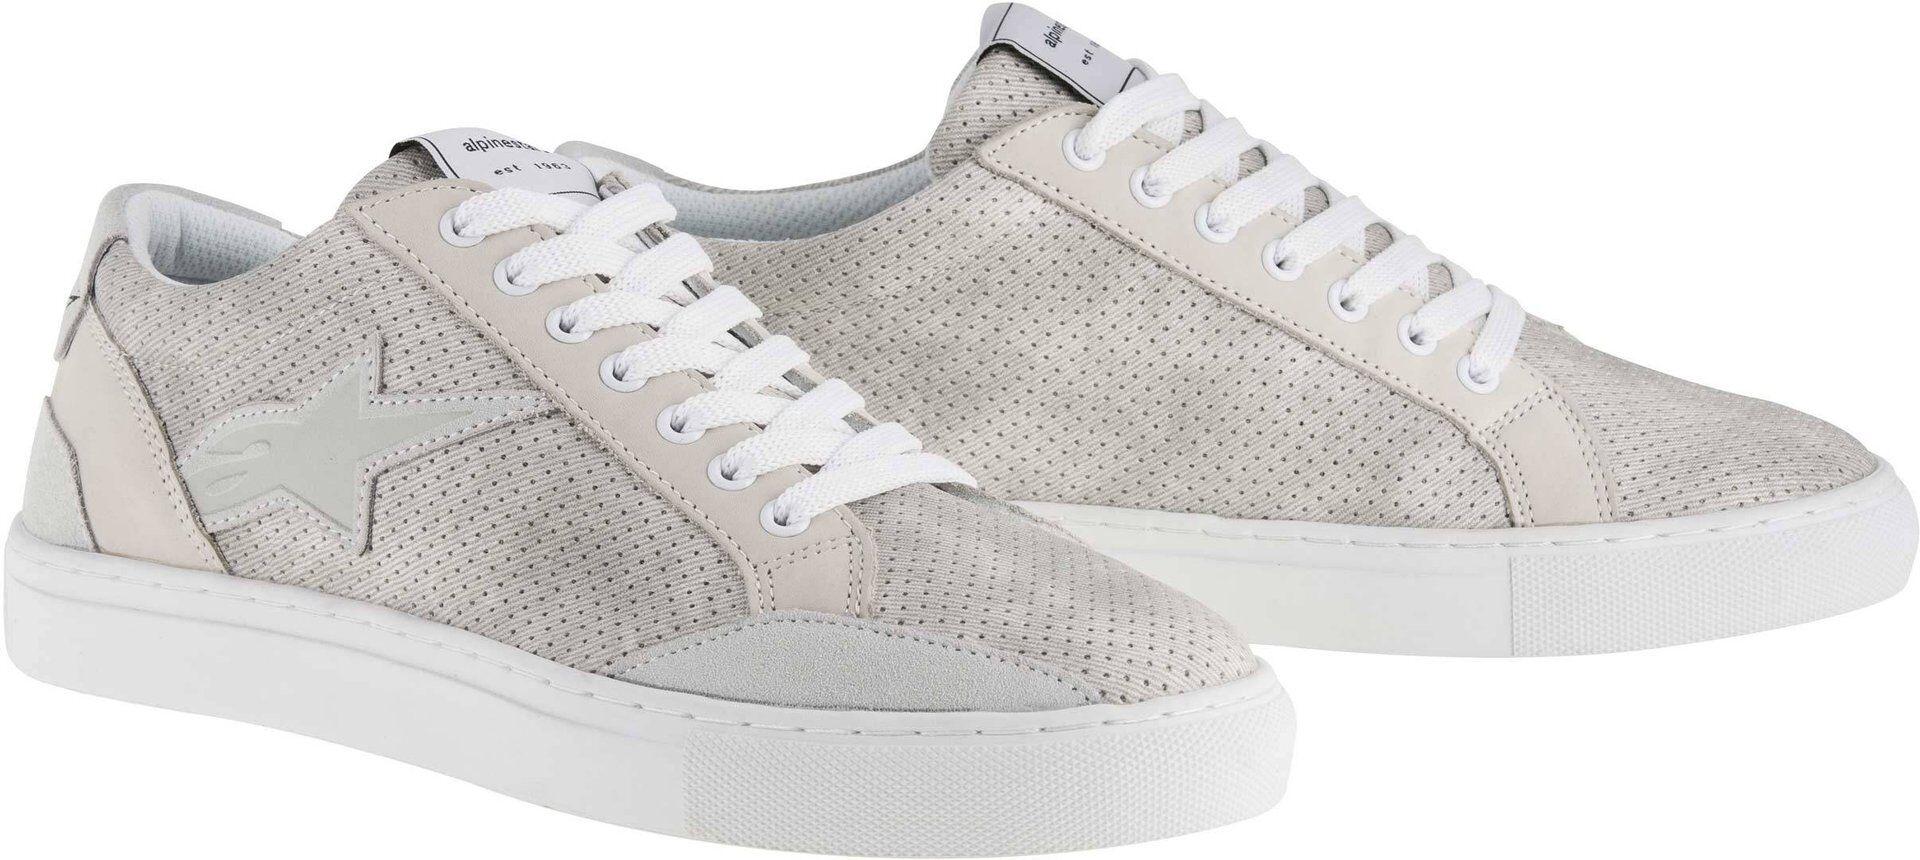 Alpinestars Ace Heritage Shoes White 41